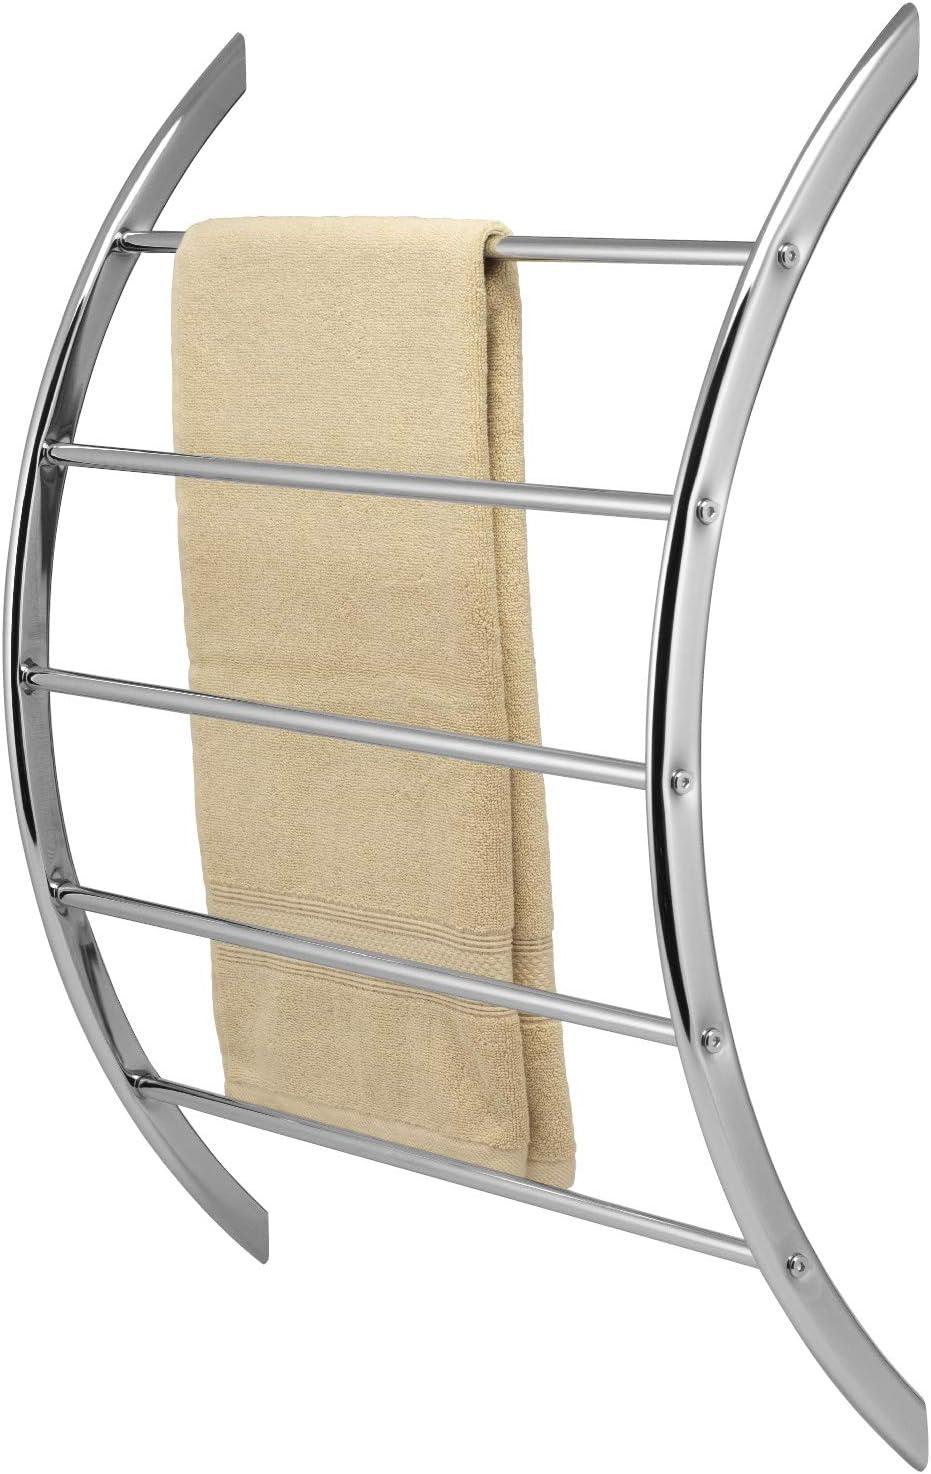 bremermann Handtuchhalter zur Wandmontage mit 5 Stangen aus Metall verchromt